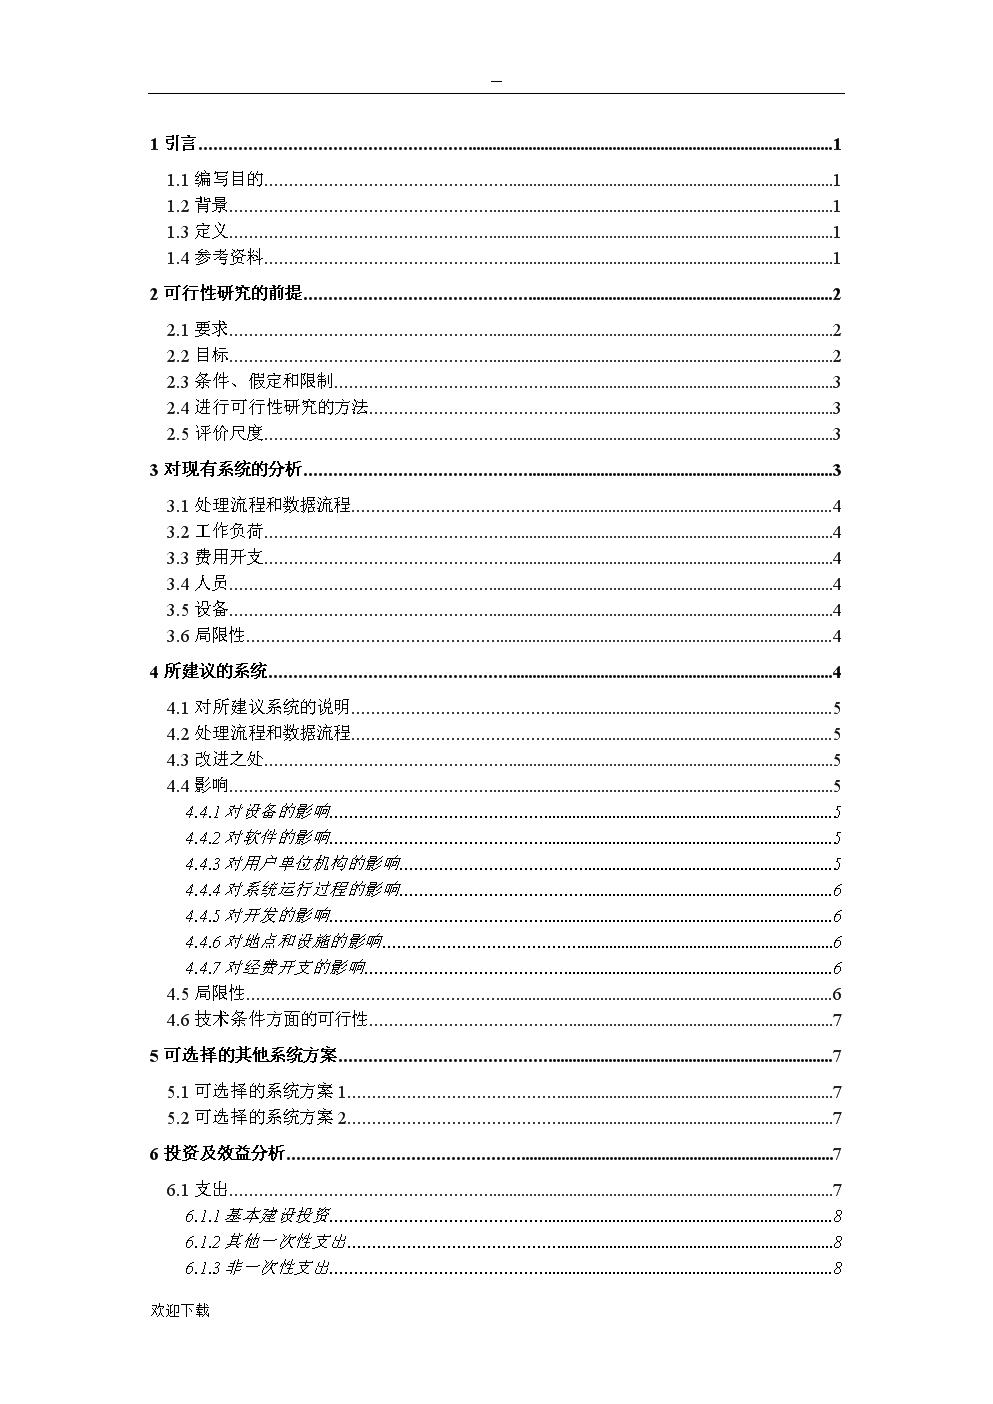 航空订票系统(可行性报告).doc